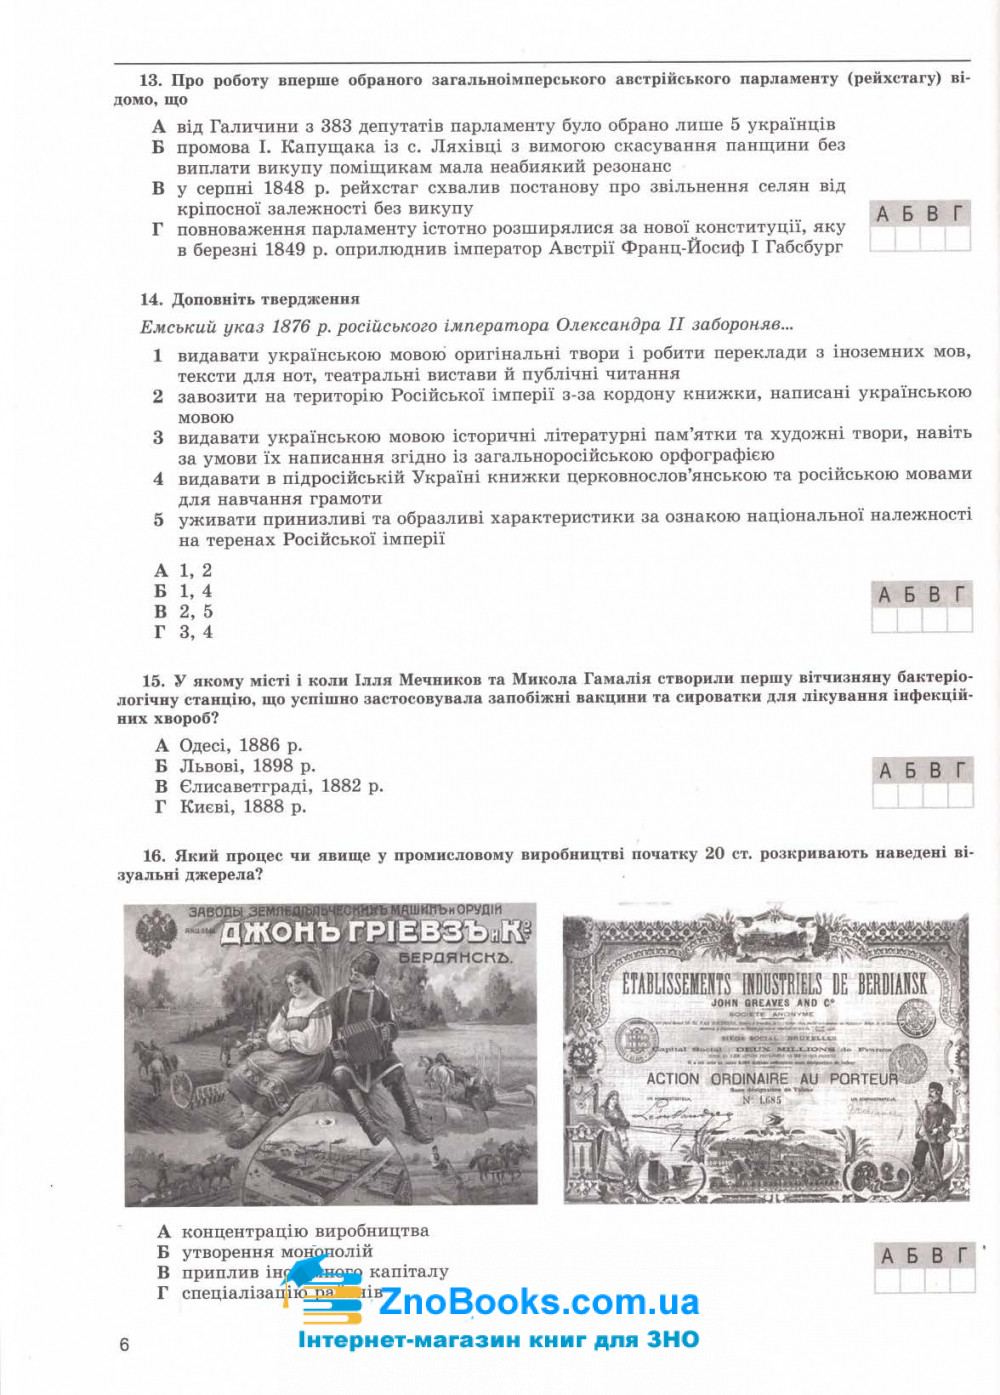 ДПА 9 клас 2021 історія України. Збірник завдань : Власов В. Генеза. Купити 6